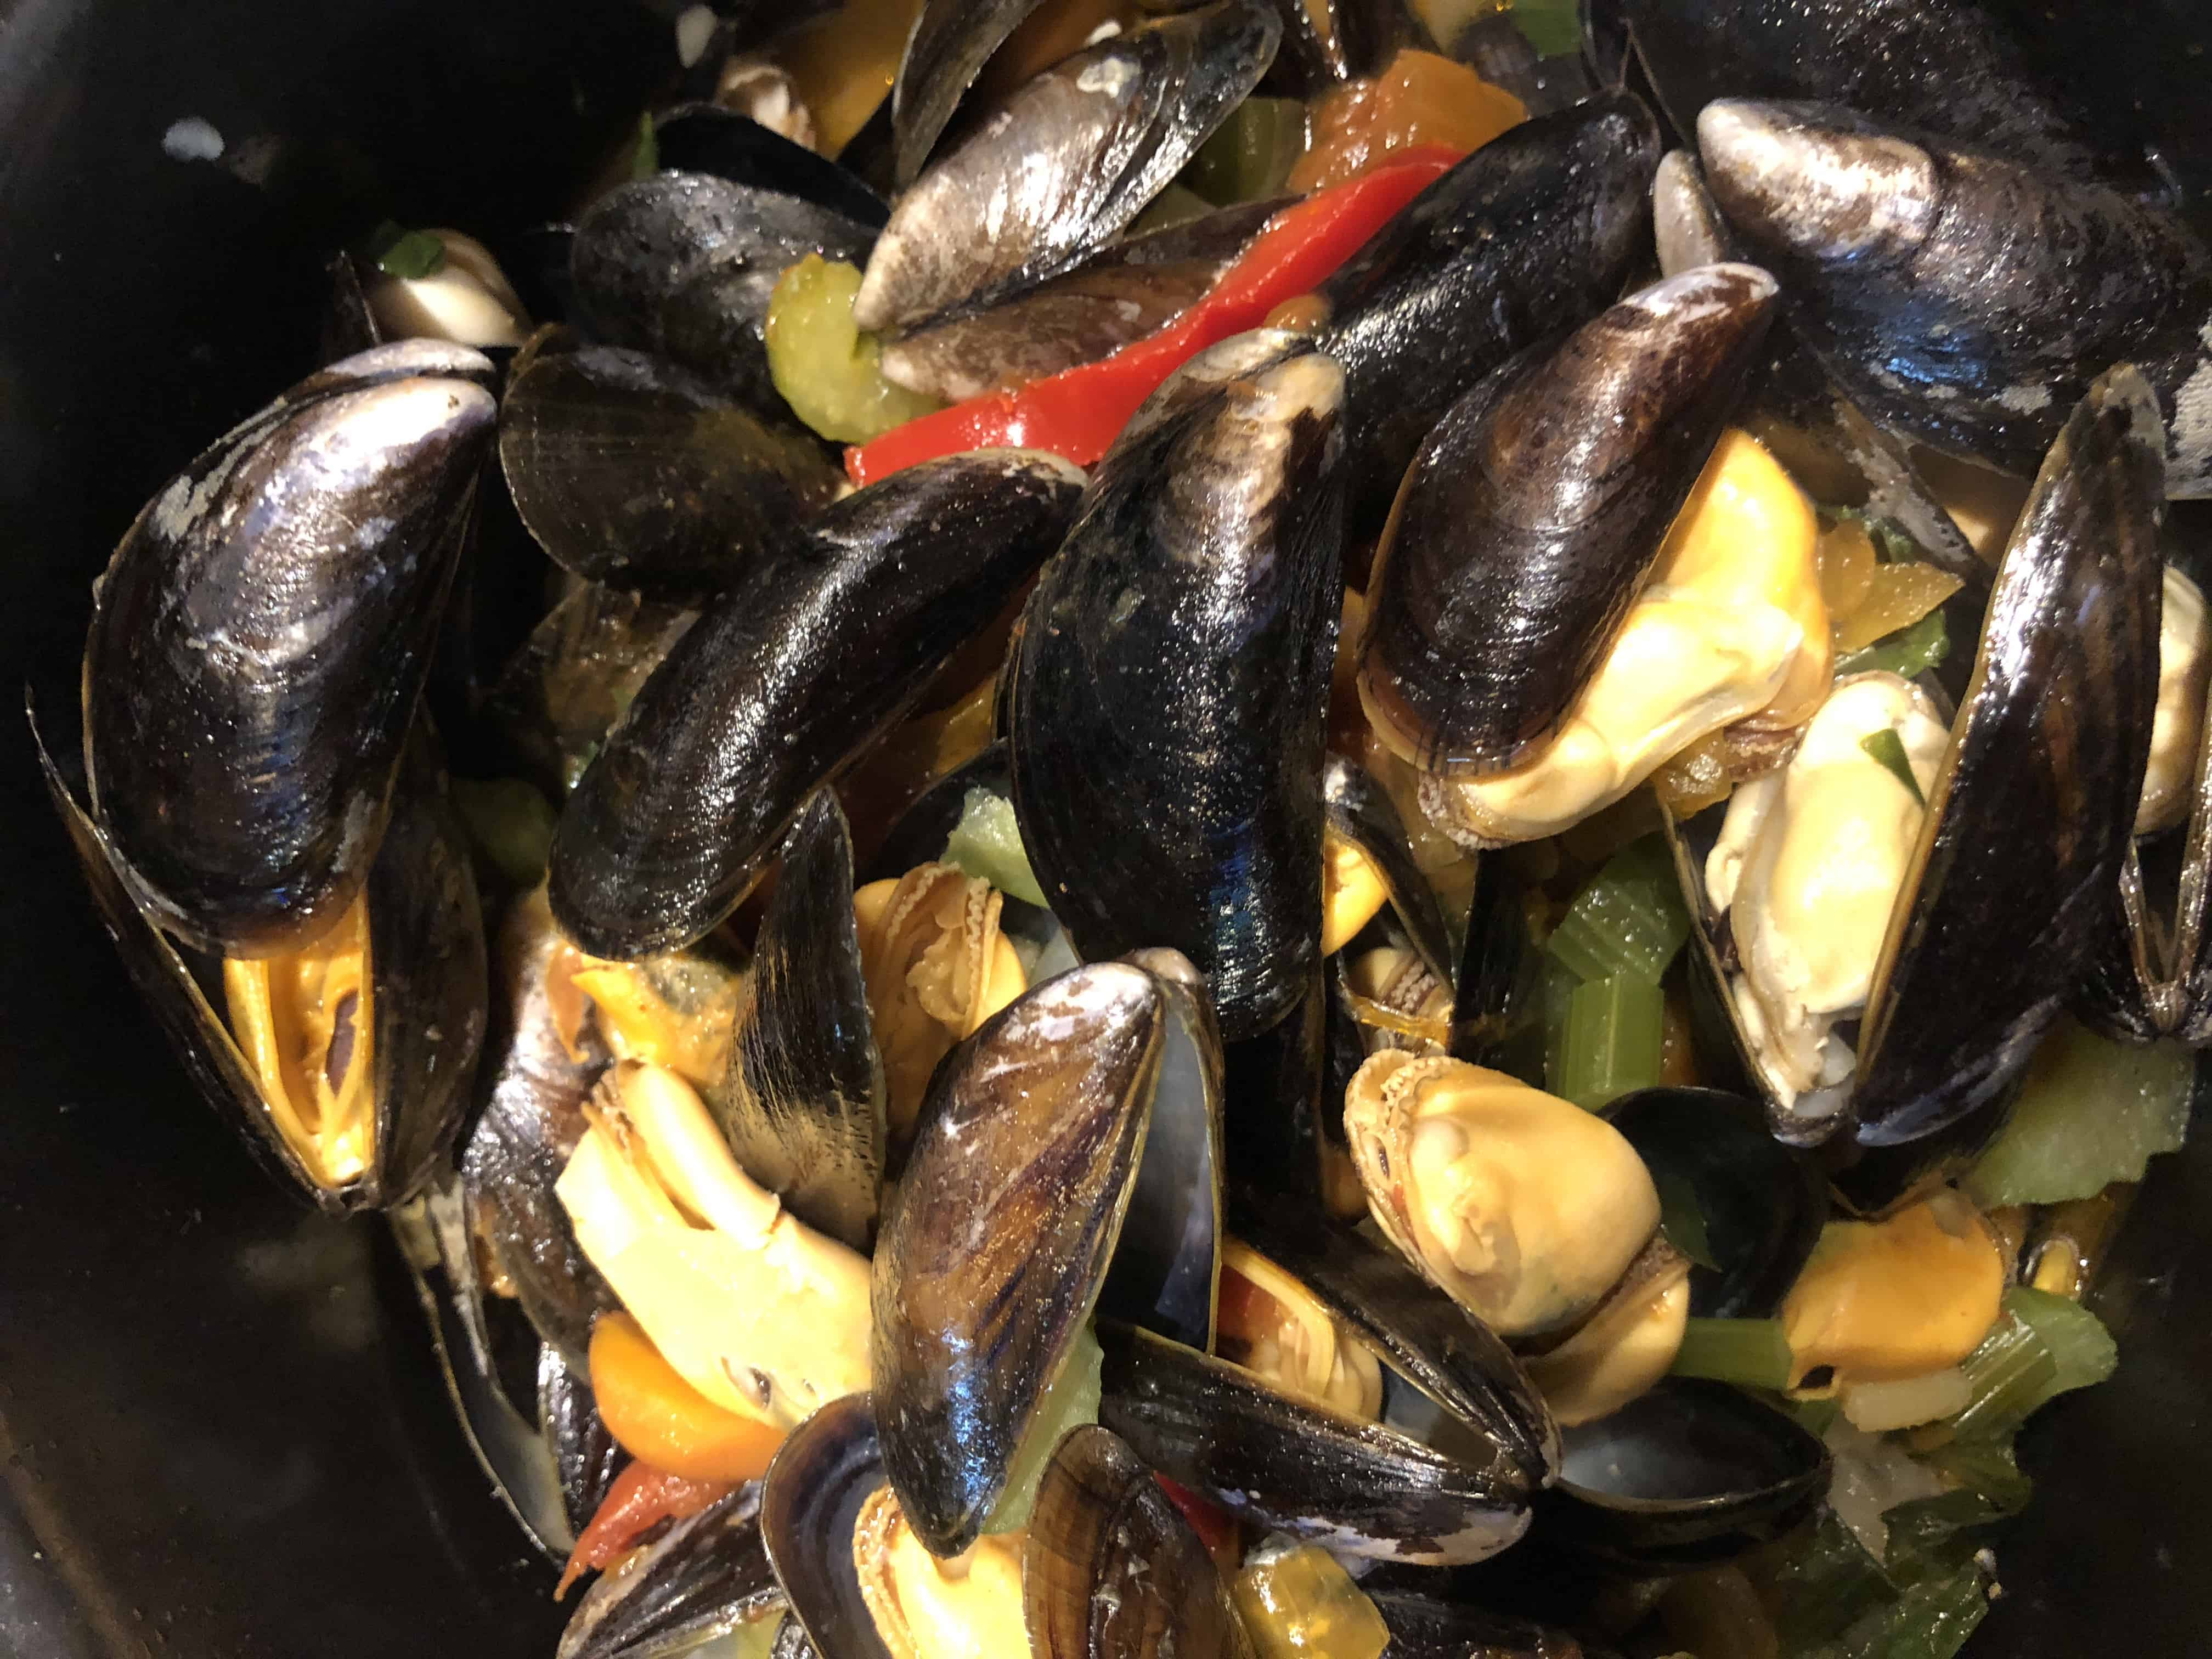 Middag på The Lobster i Brussel - moules frites, Storbyferie i Europa, weekendtur til Brussel, høst destinasjon, beste storby for weekendtur i oktober, ting å gjøre i Brussel, jentetur til Brussel, kjærestetur til Brussel, restauranter i Brussel